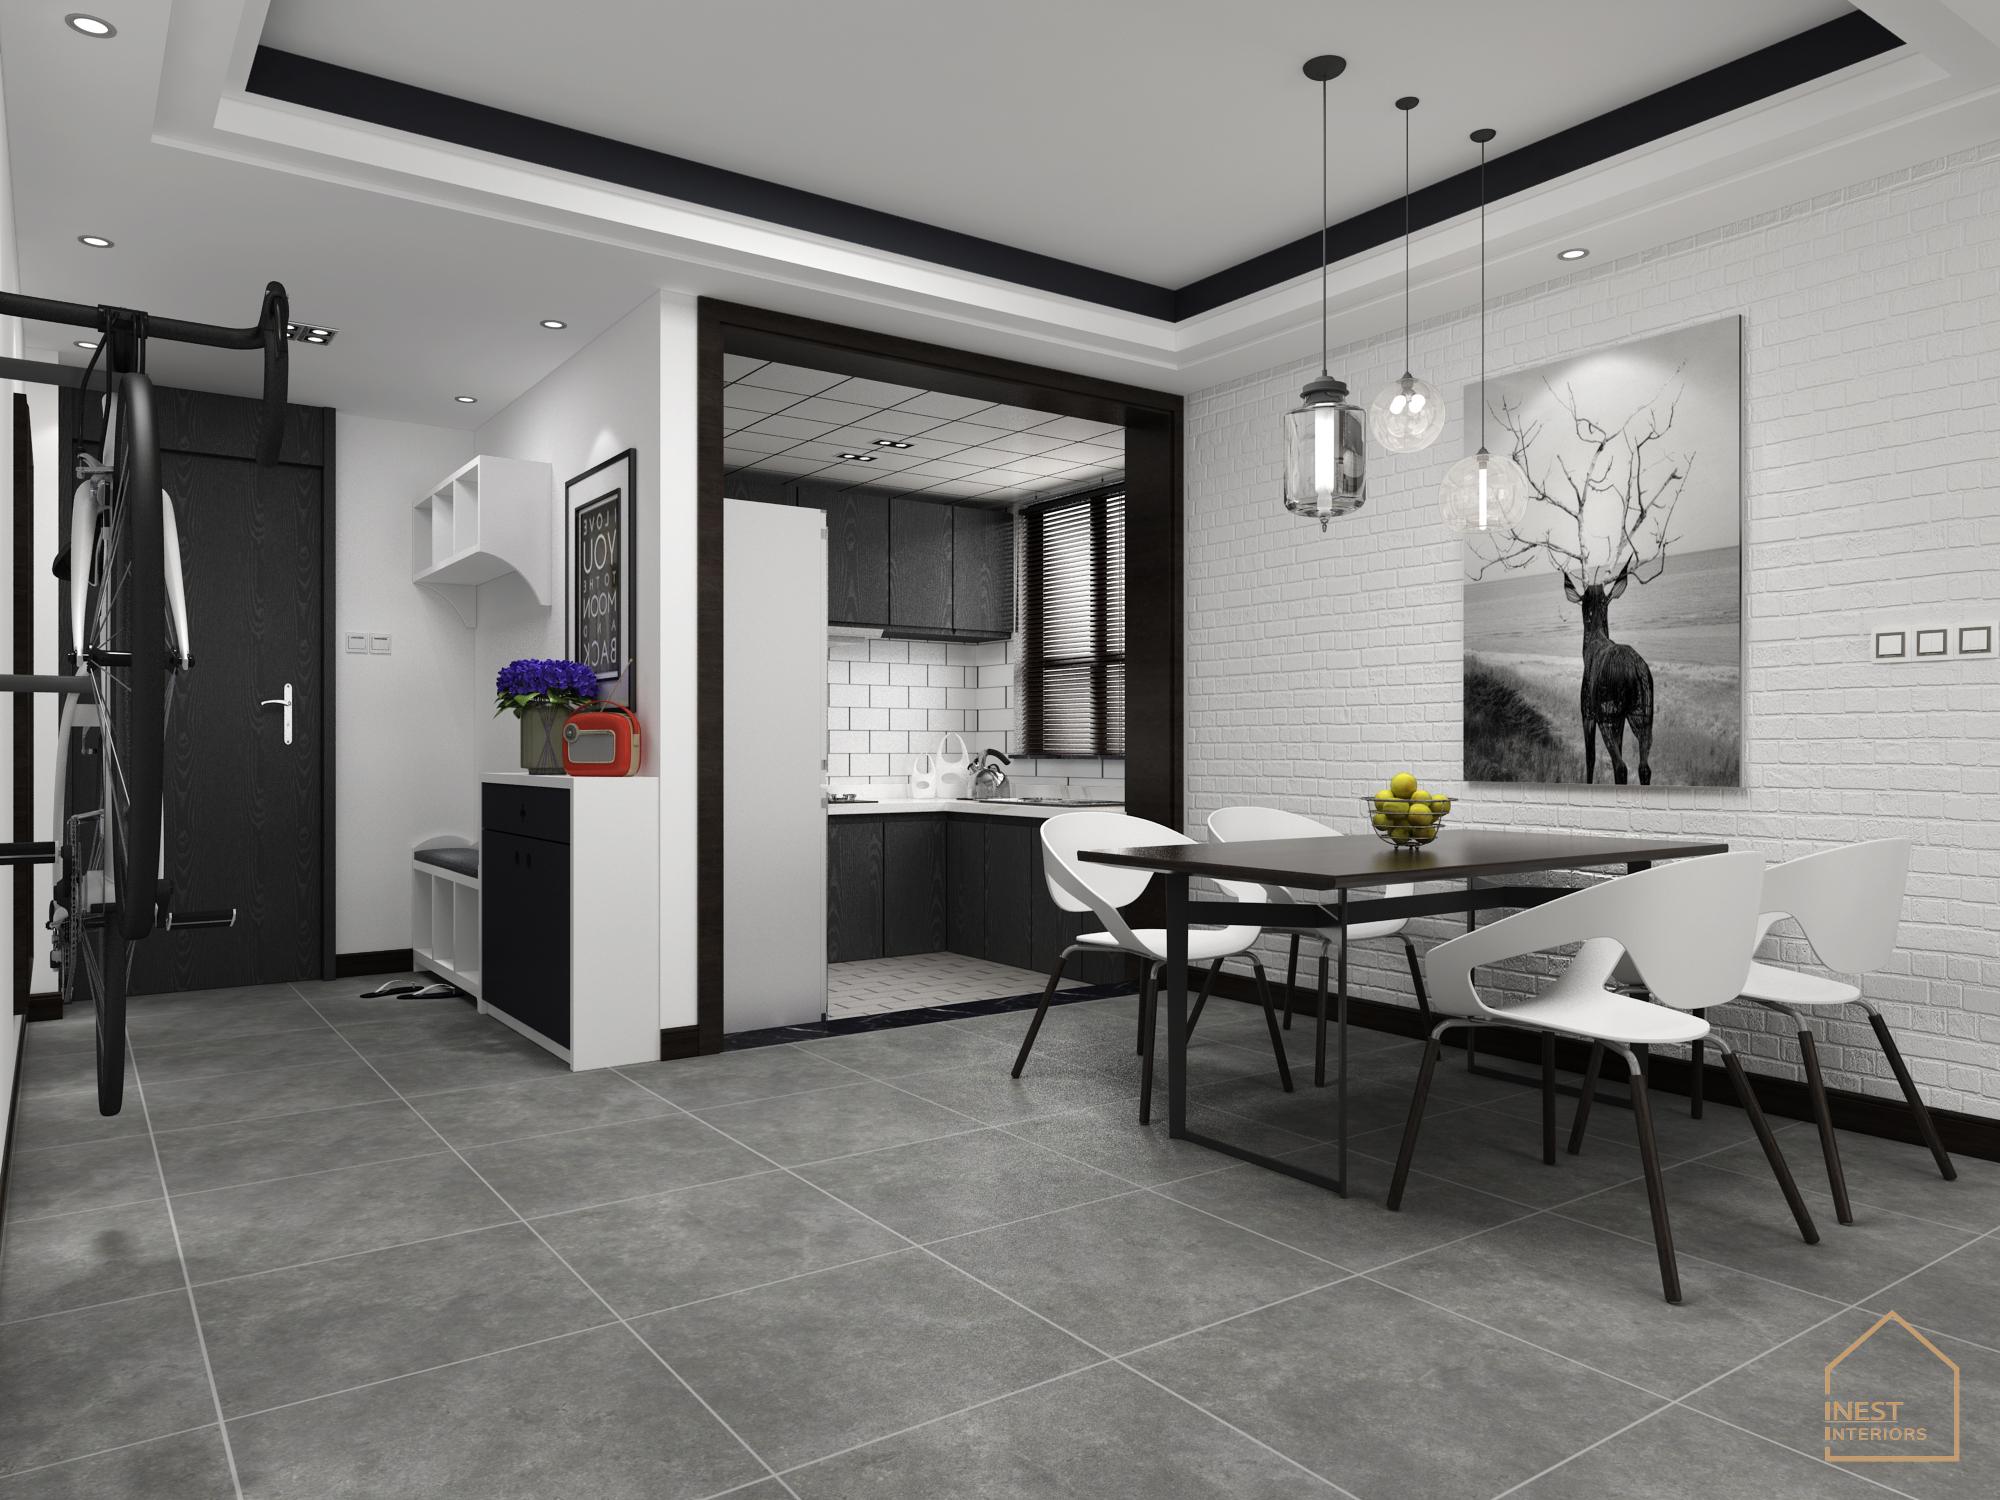 Thiết kế tối giản cho nội thất phòng khách